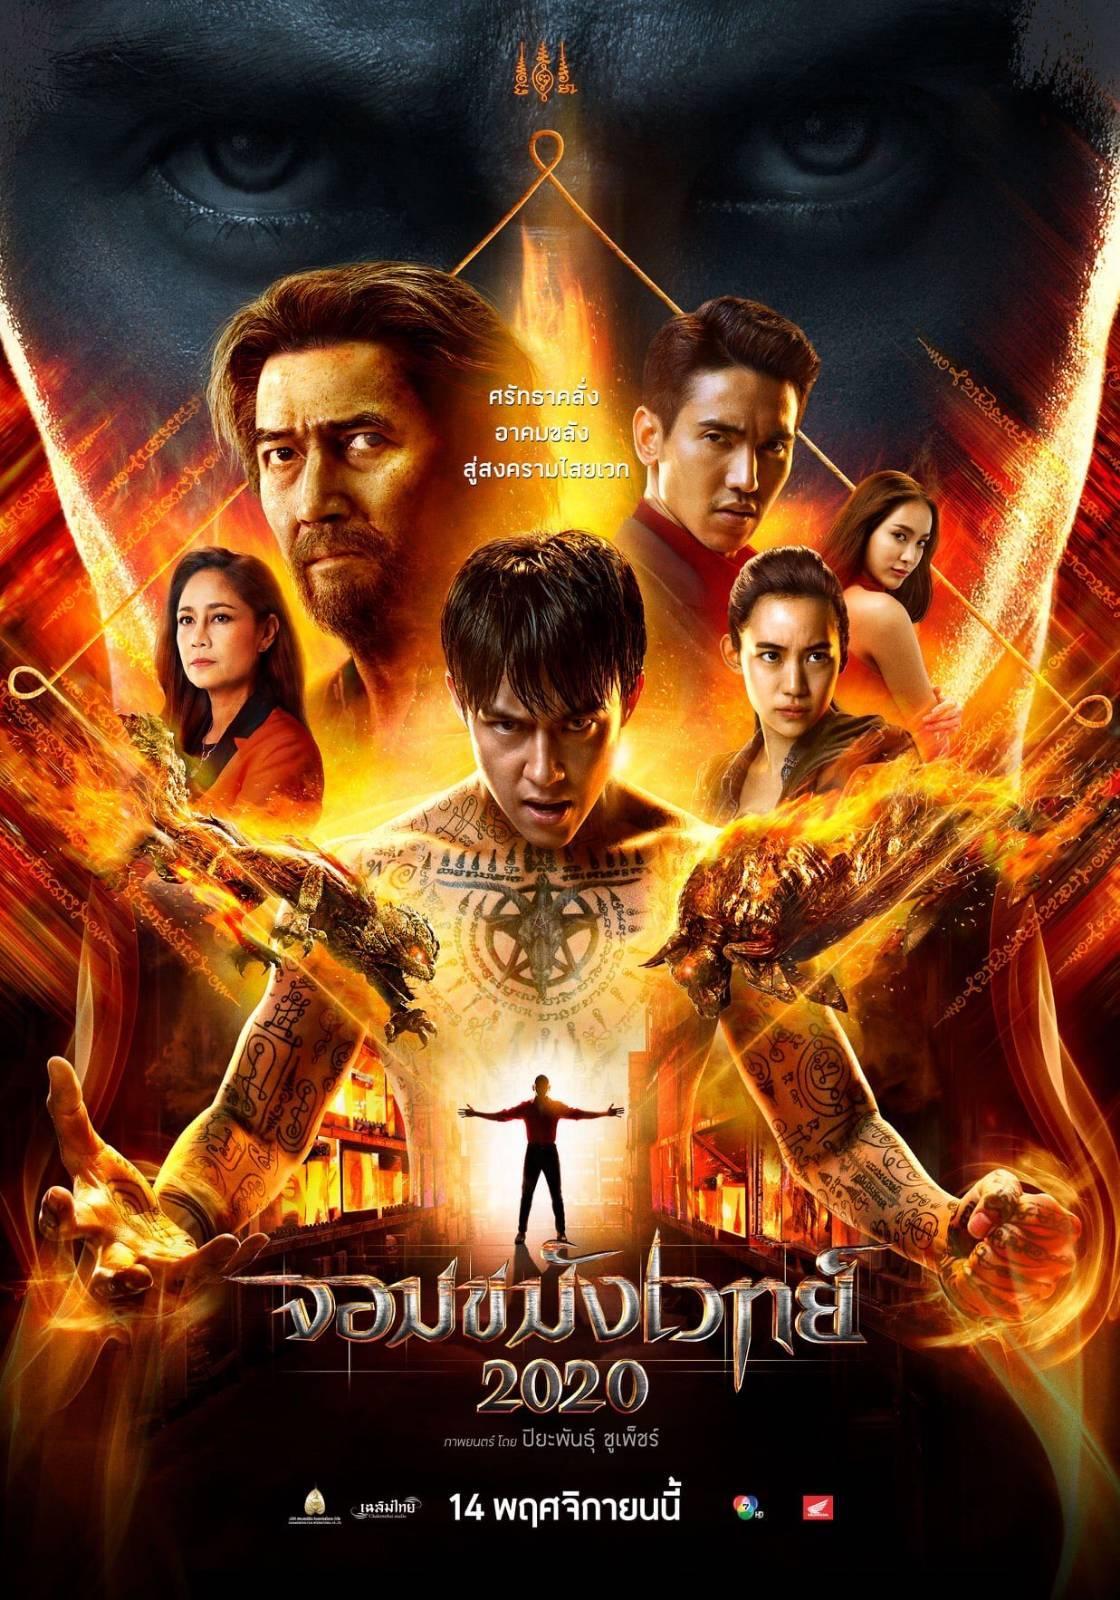 ดูหนังใหม่ชนโรง จอมขมังเวทย์ (2020) HD เต็มเรื่องพากย์ไทย มาสเตอร์